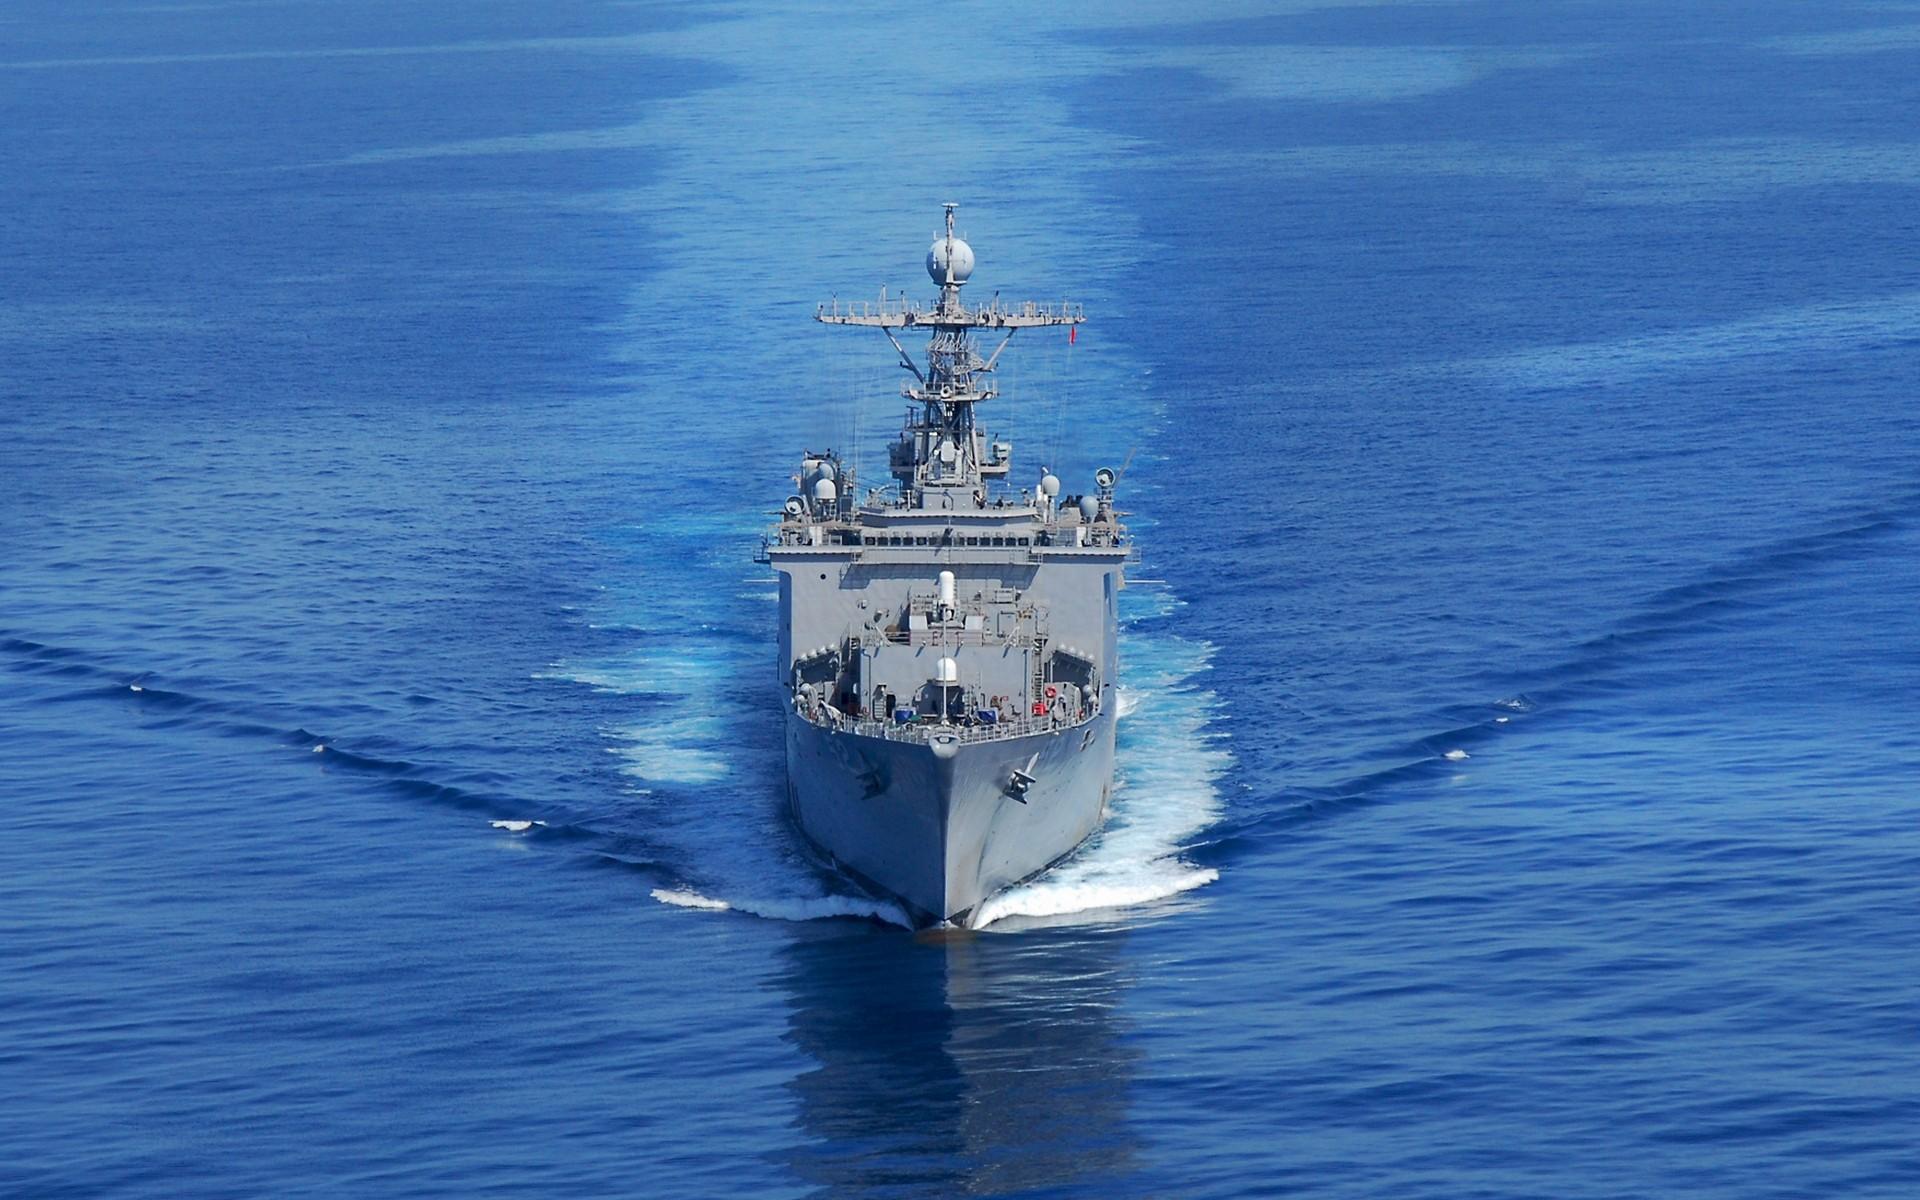 Un buque en el mar - 1920x1200